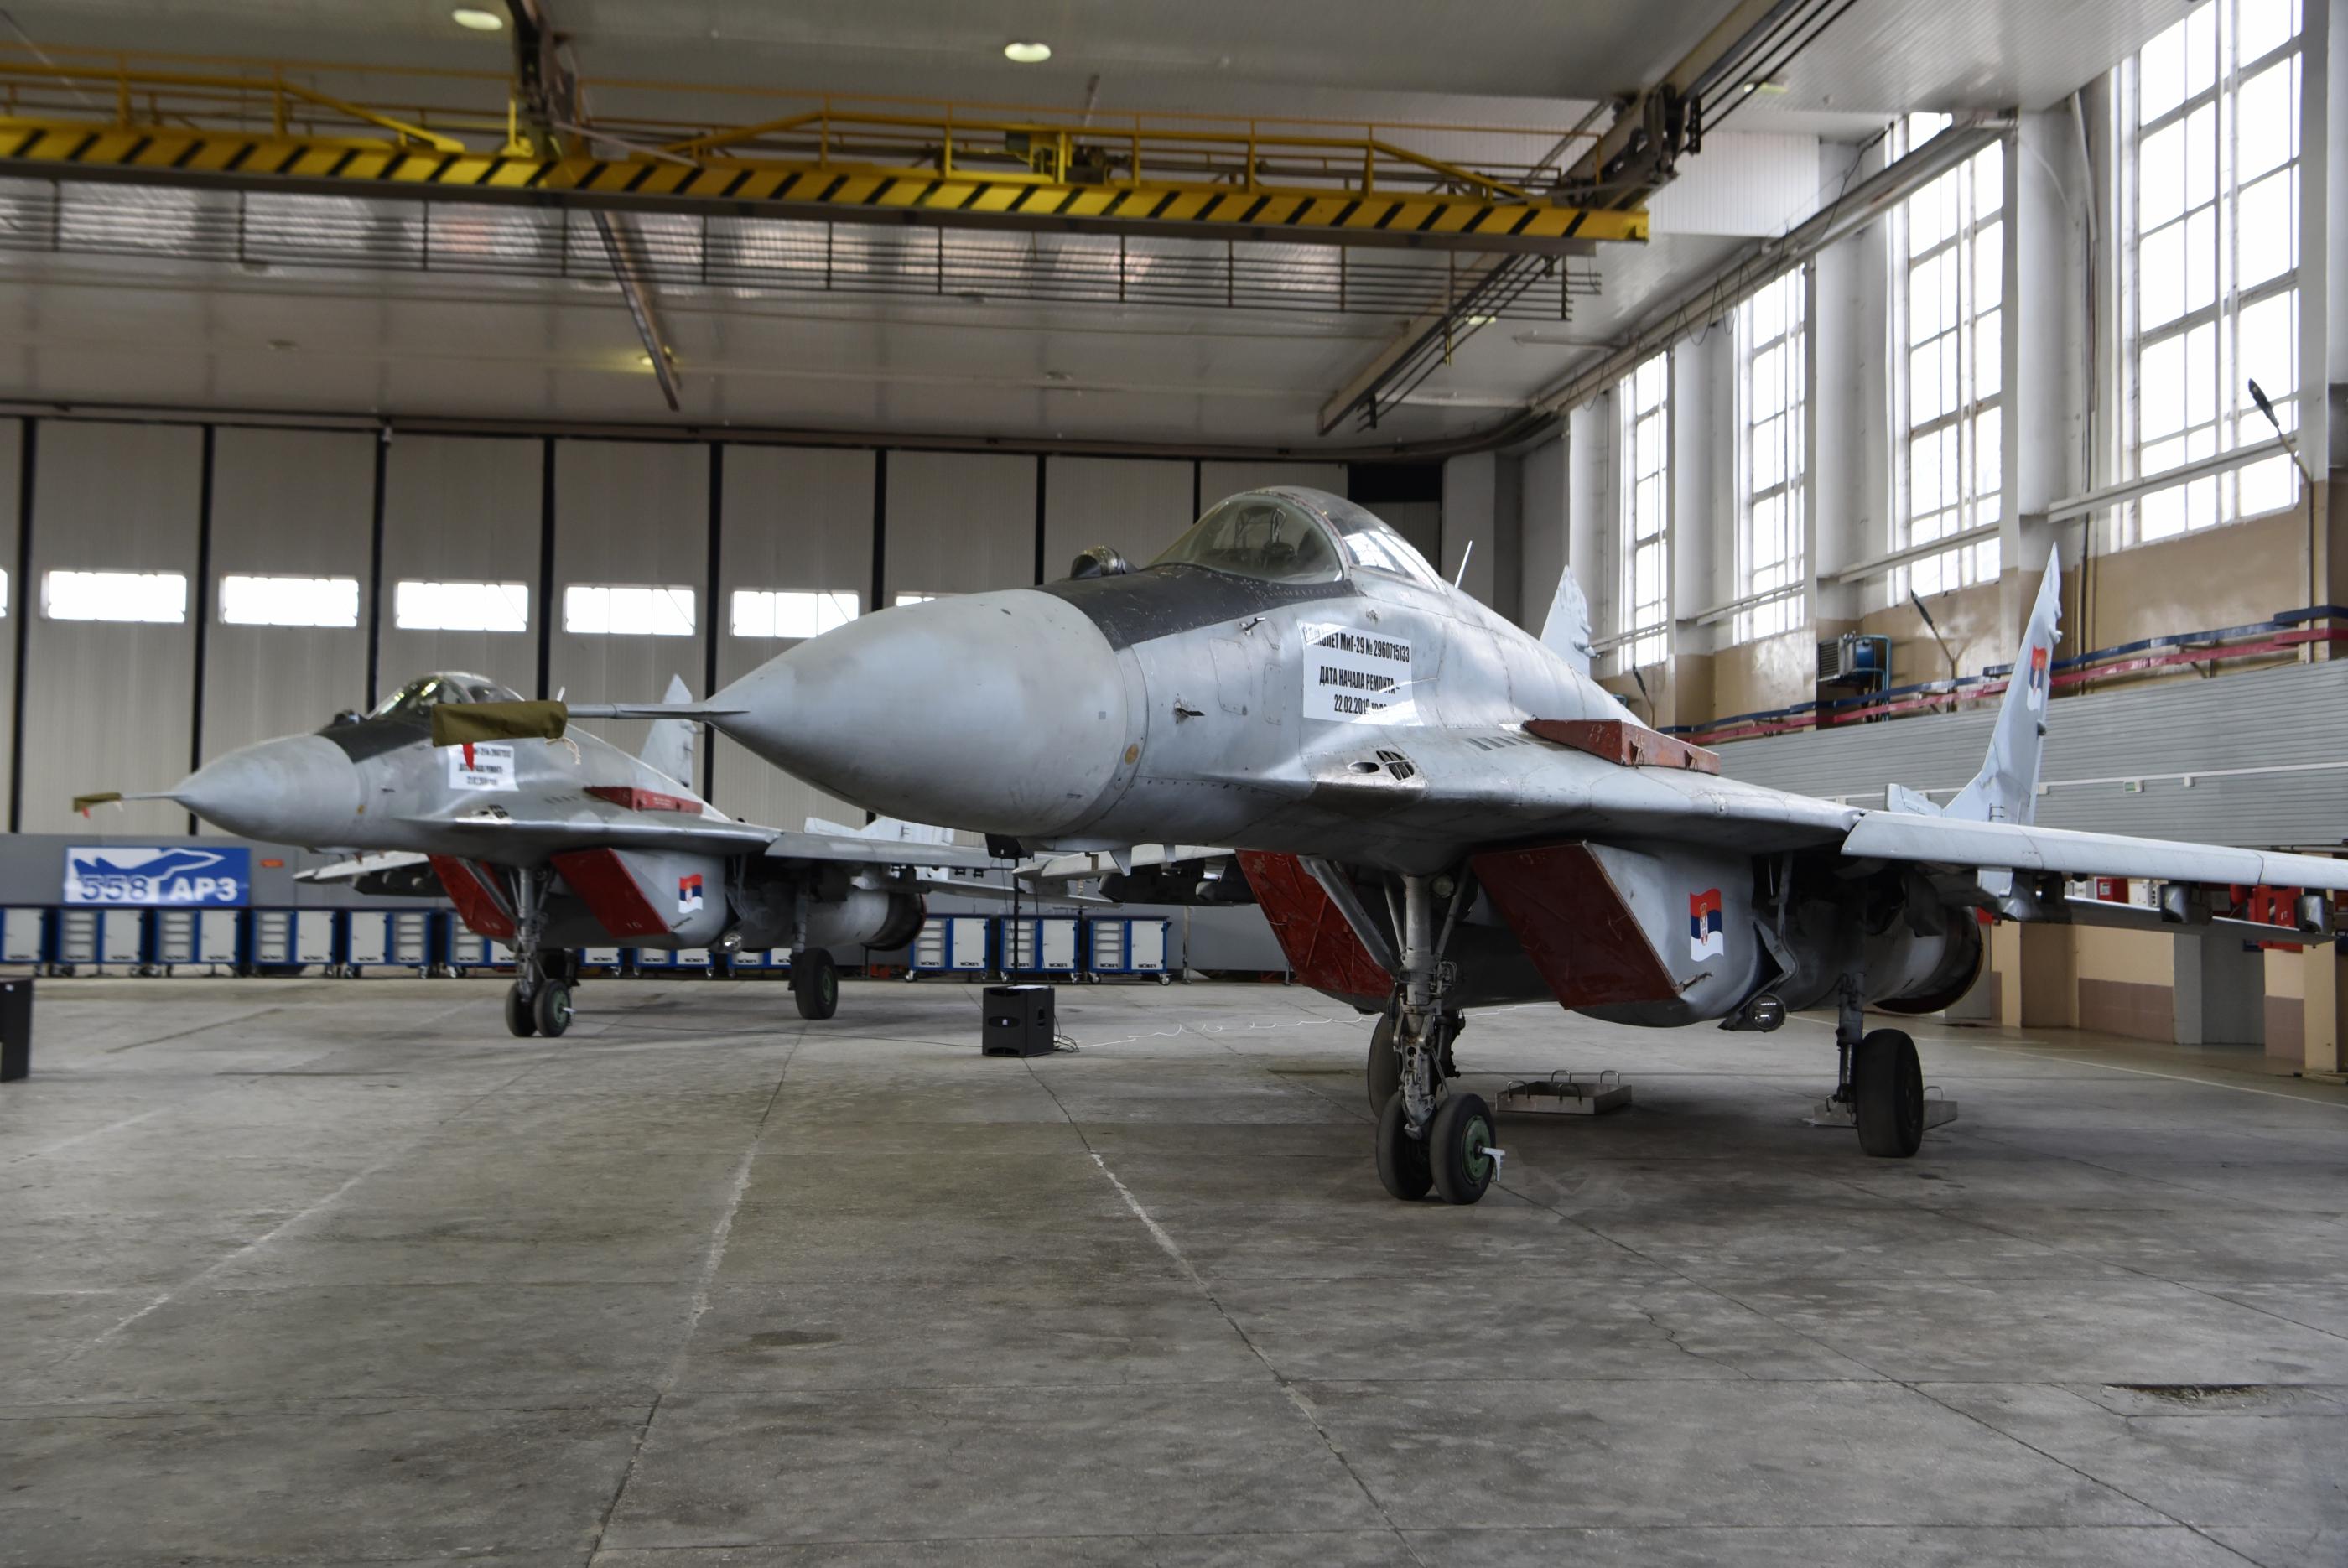 Белоруссия передала Сербии четыре истребителя МиГ-29